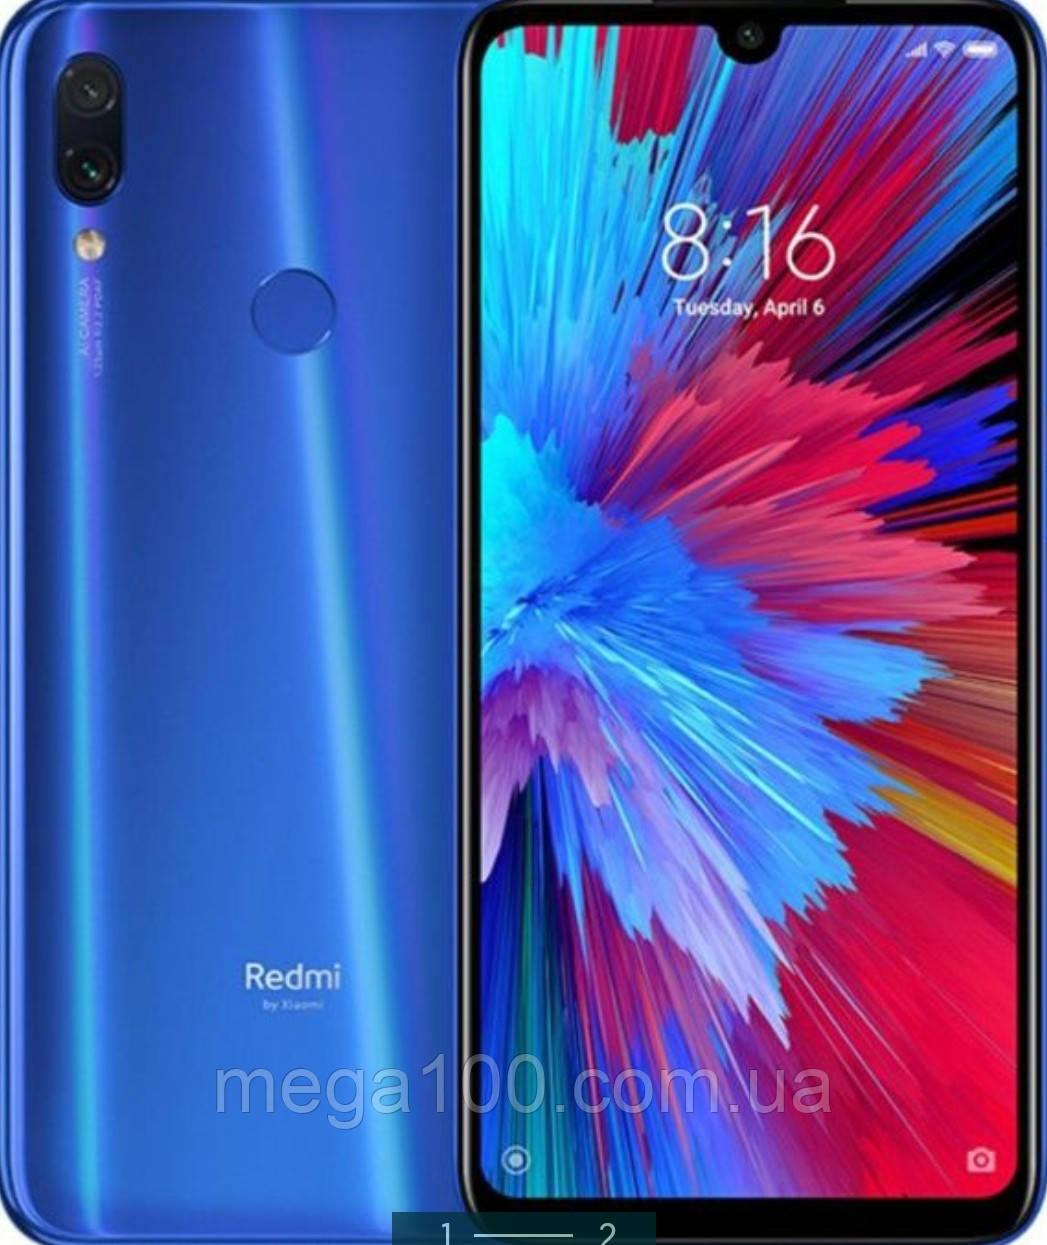 Смартфон Xiaomi redmi note 7 (экран 6,3, памяти 6/64, АКБ 4000 мАч) китайская версия глобальная прошивка